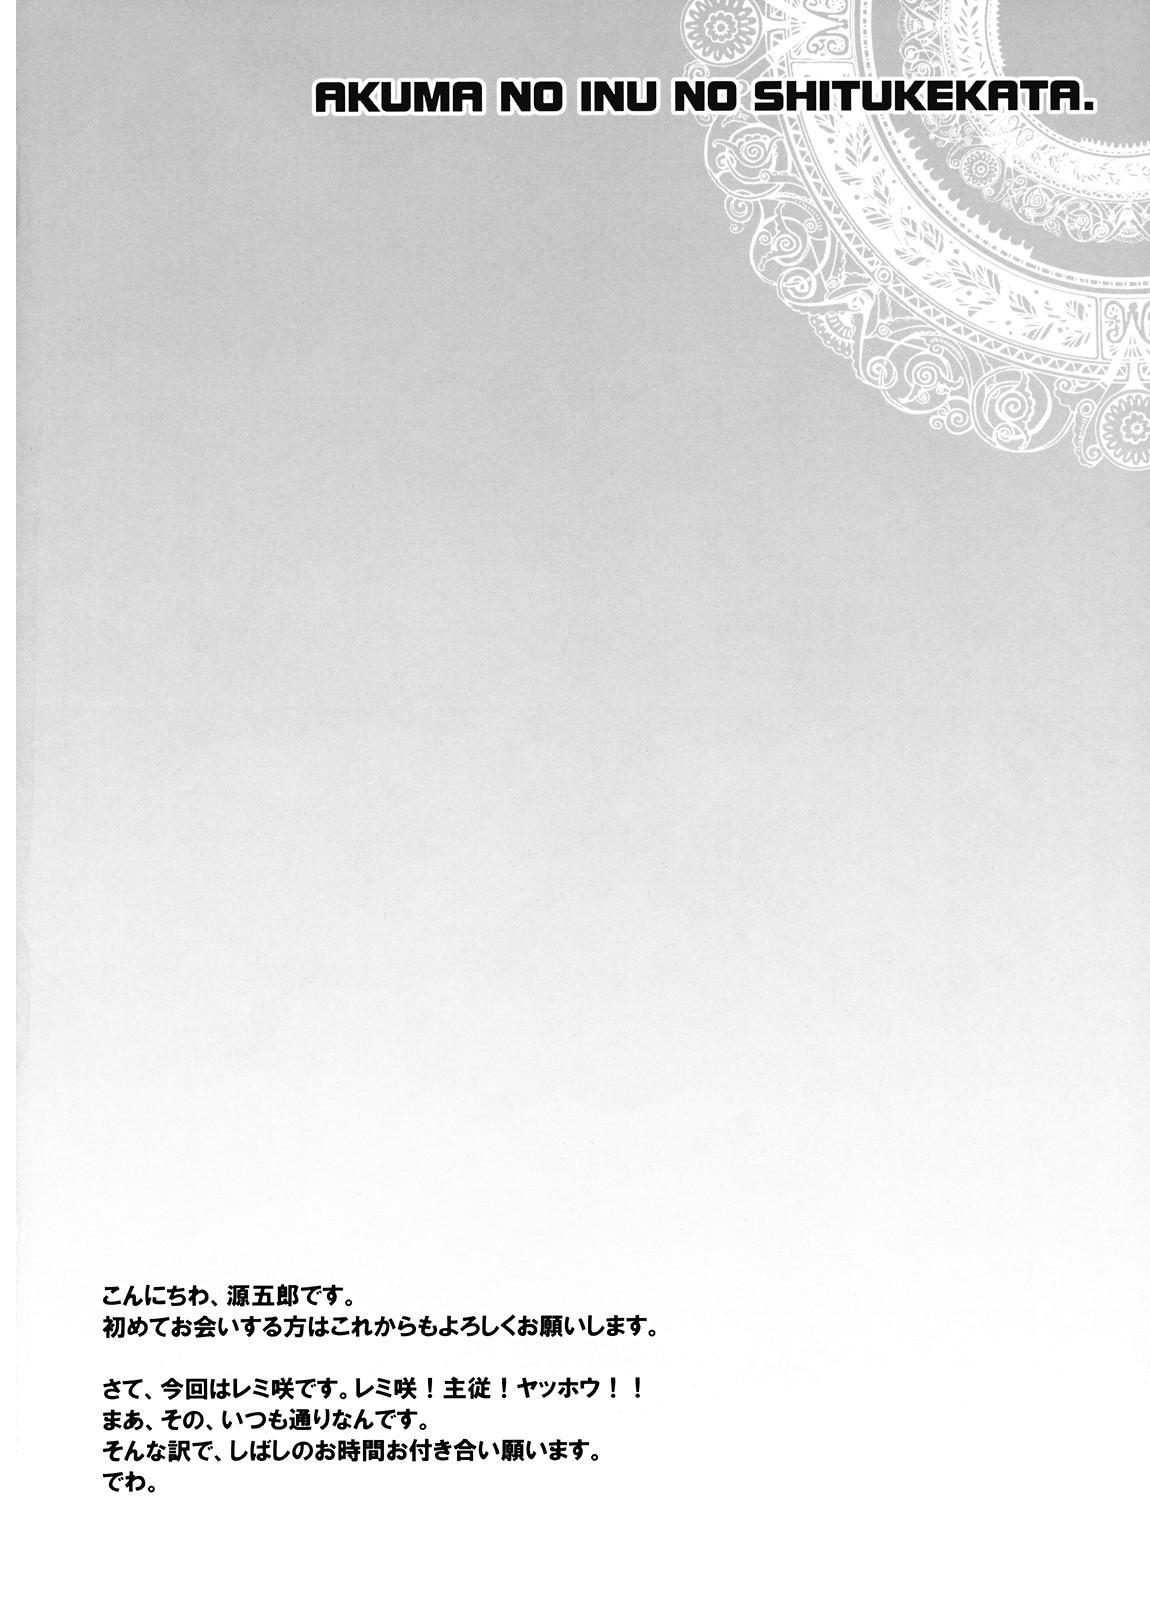 Akuma to Inu no Shitsukekata. 4